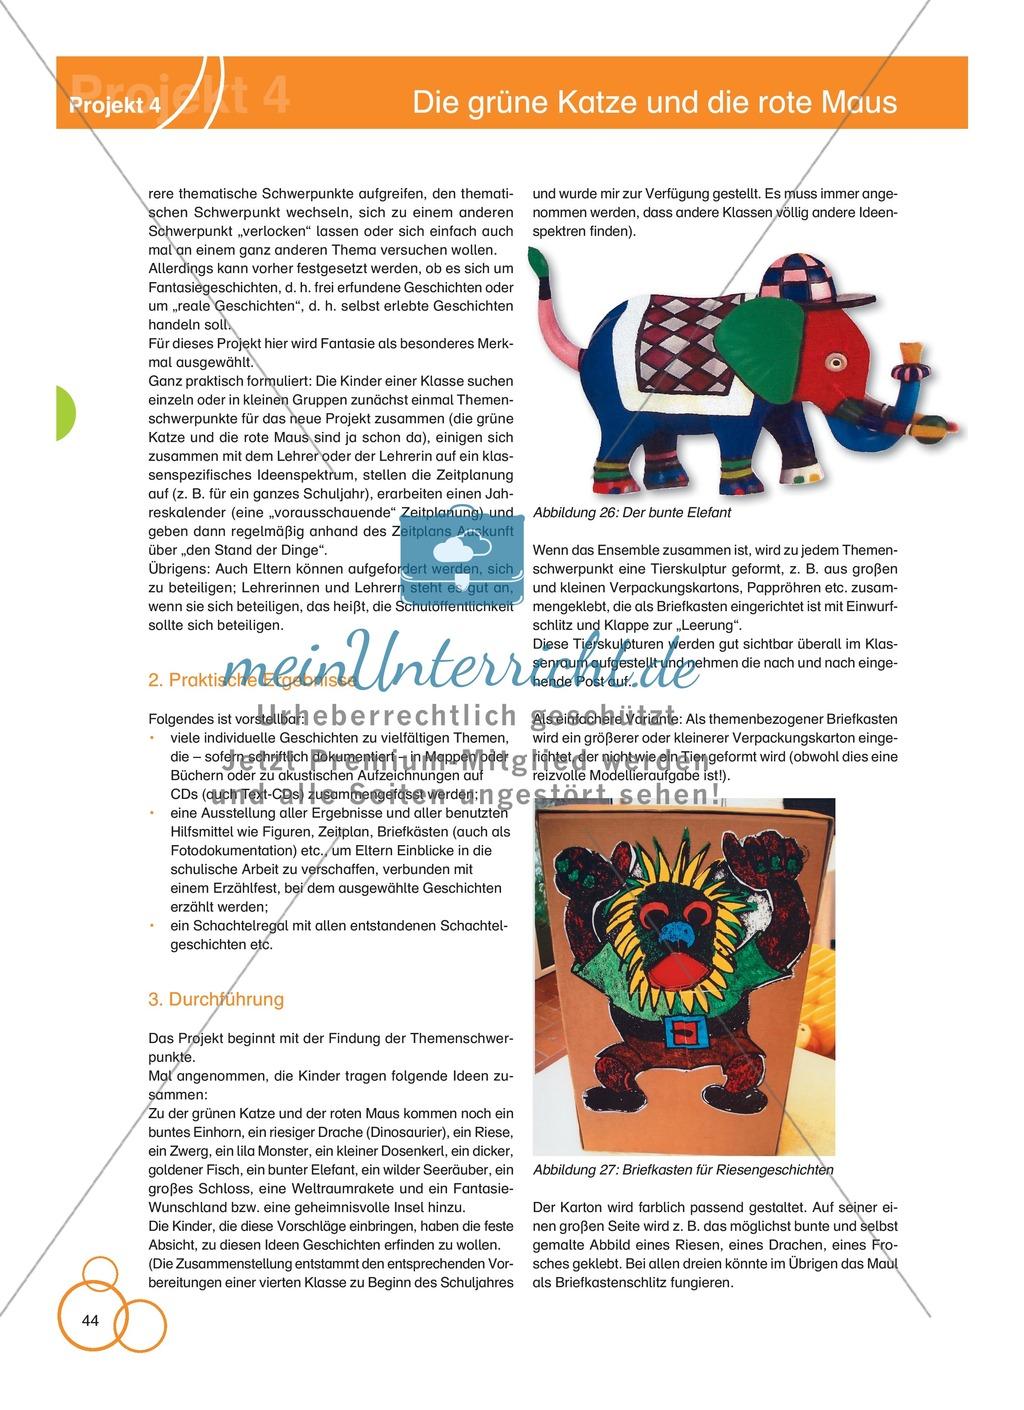 Projekt 4: Die grüne Katze und die rote Maus Preview 1